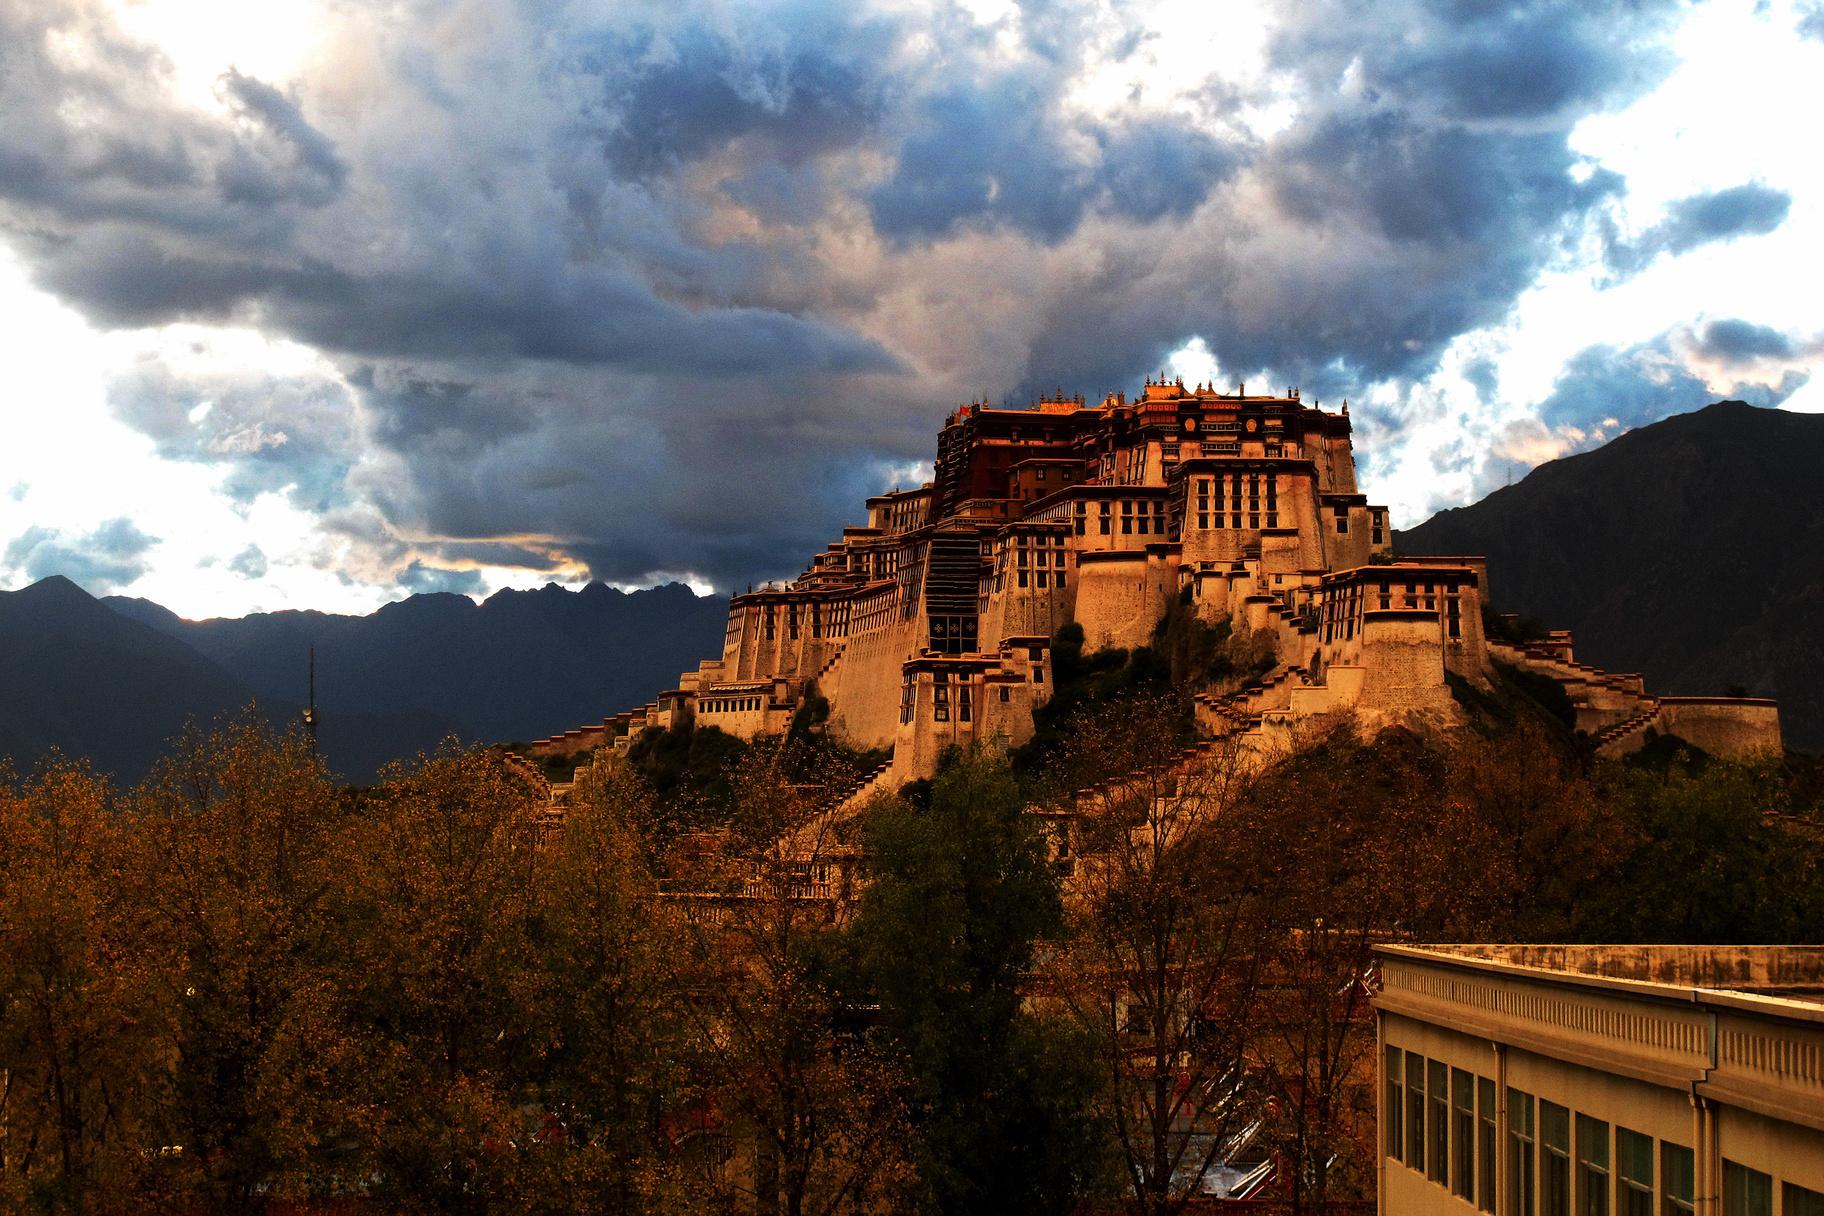 洗涤心灵的西藏朝圣之旅